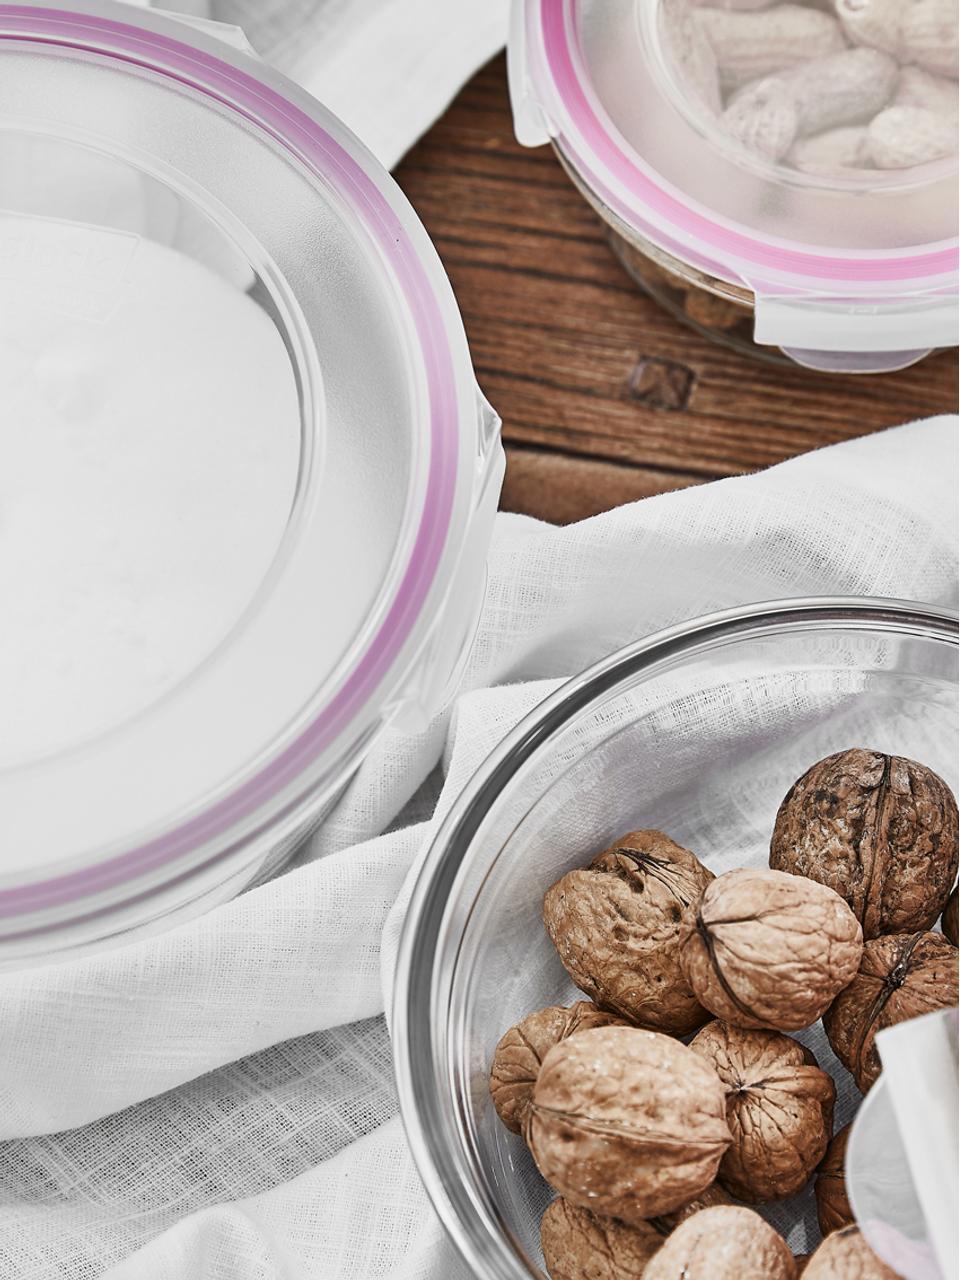 Komplet pojemników do przechowywania żywności Lilo, 2elem., Transparentny, różowy, Komplet z różnymi rozmiarami